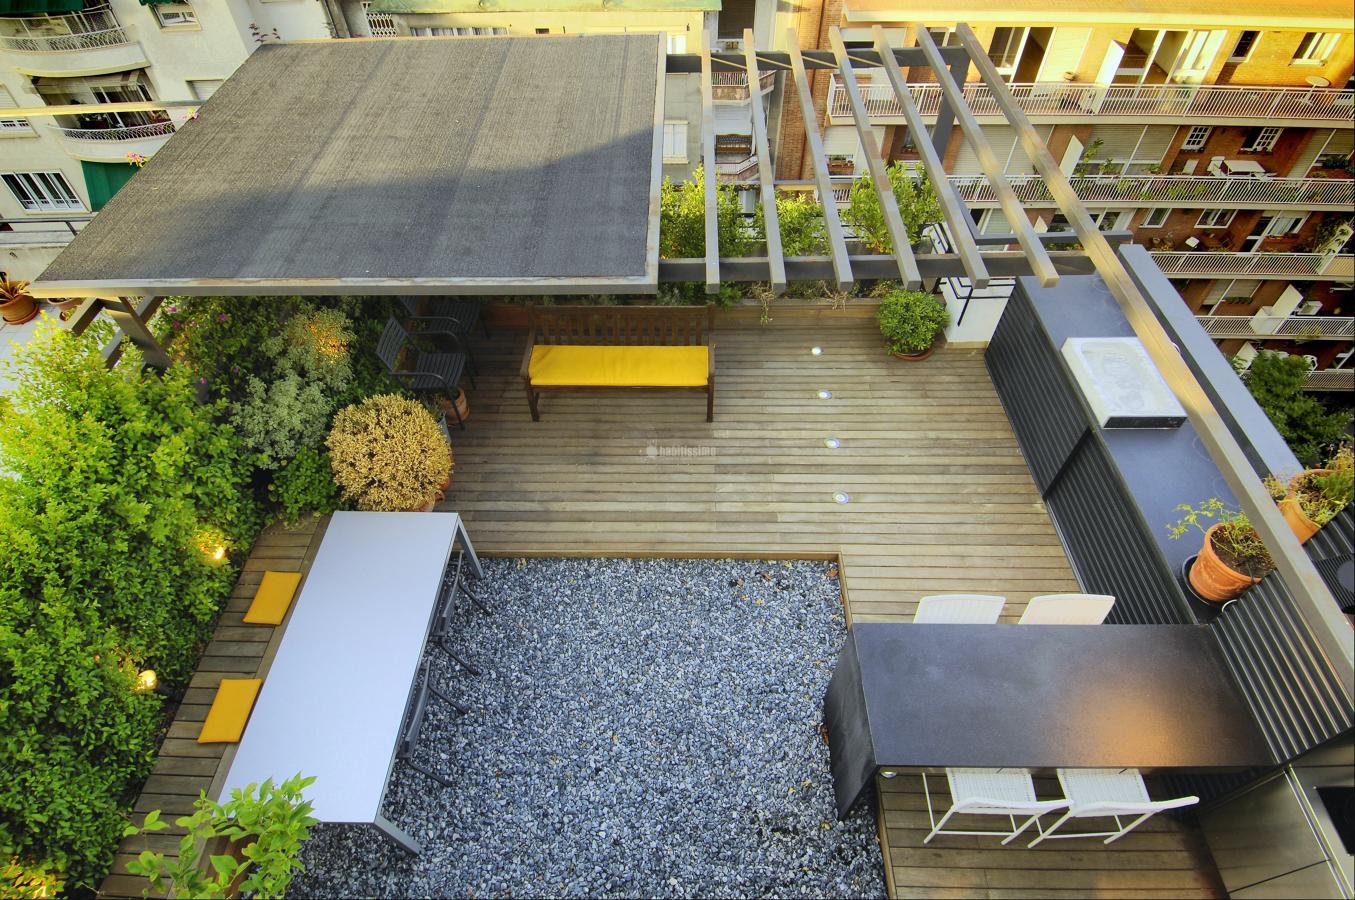 Terrazas urbanas pin it terrazas urbanas decoracion - Terrazas urbanas ...